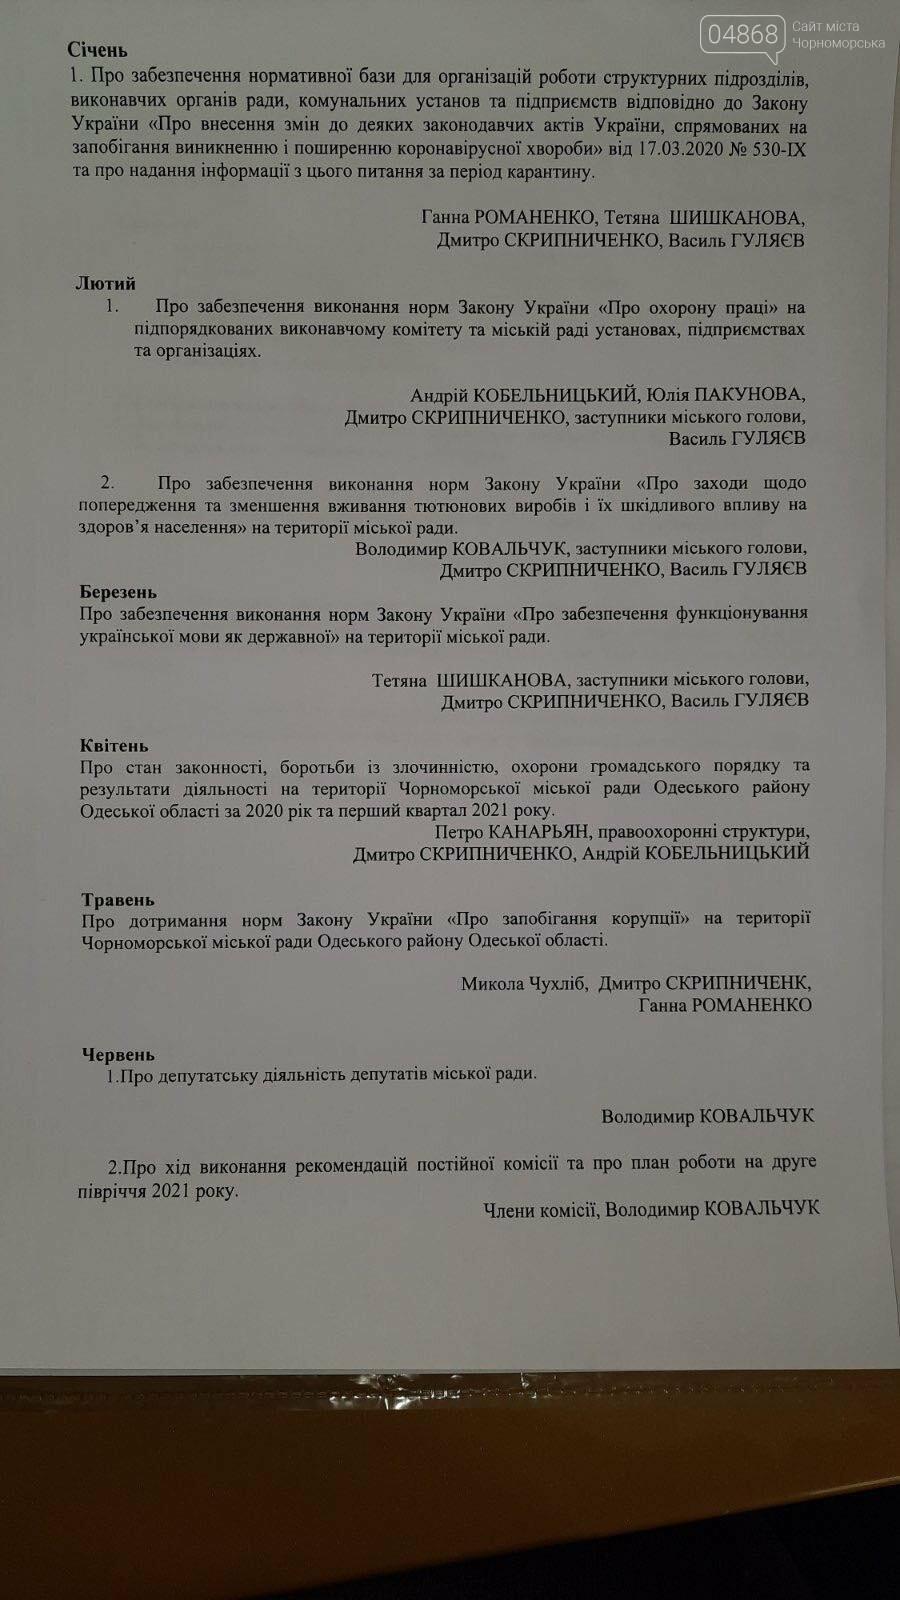 Скандальную сессию в Черноморске признали незаконной, фото-2